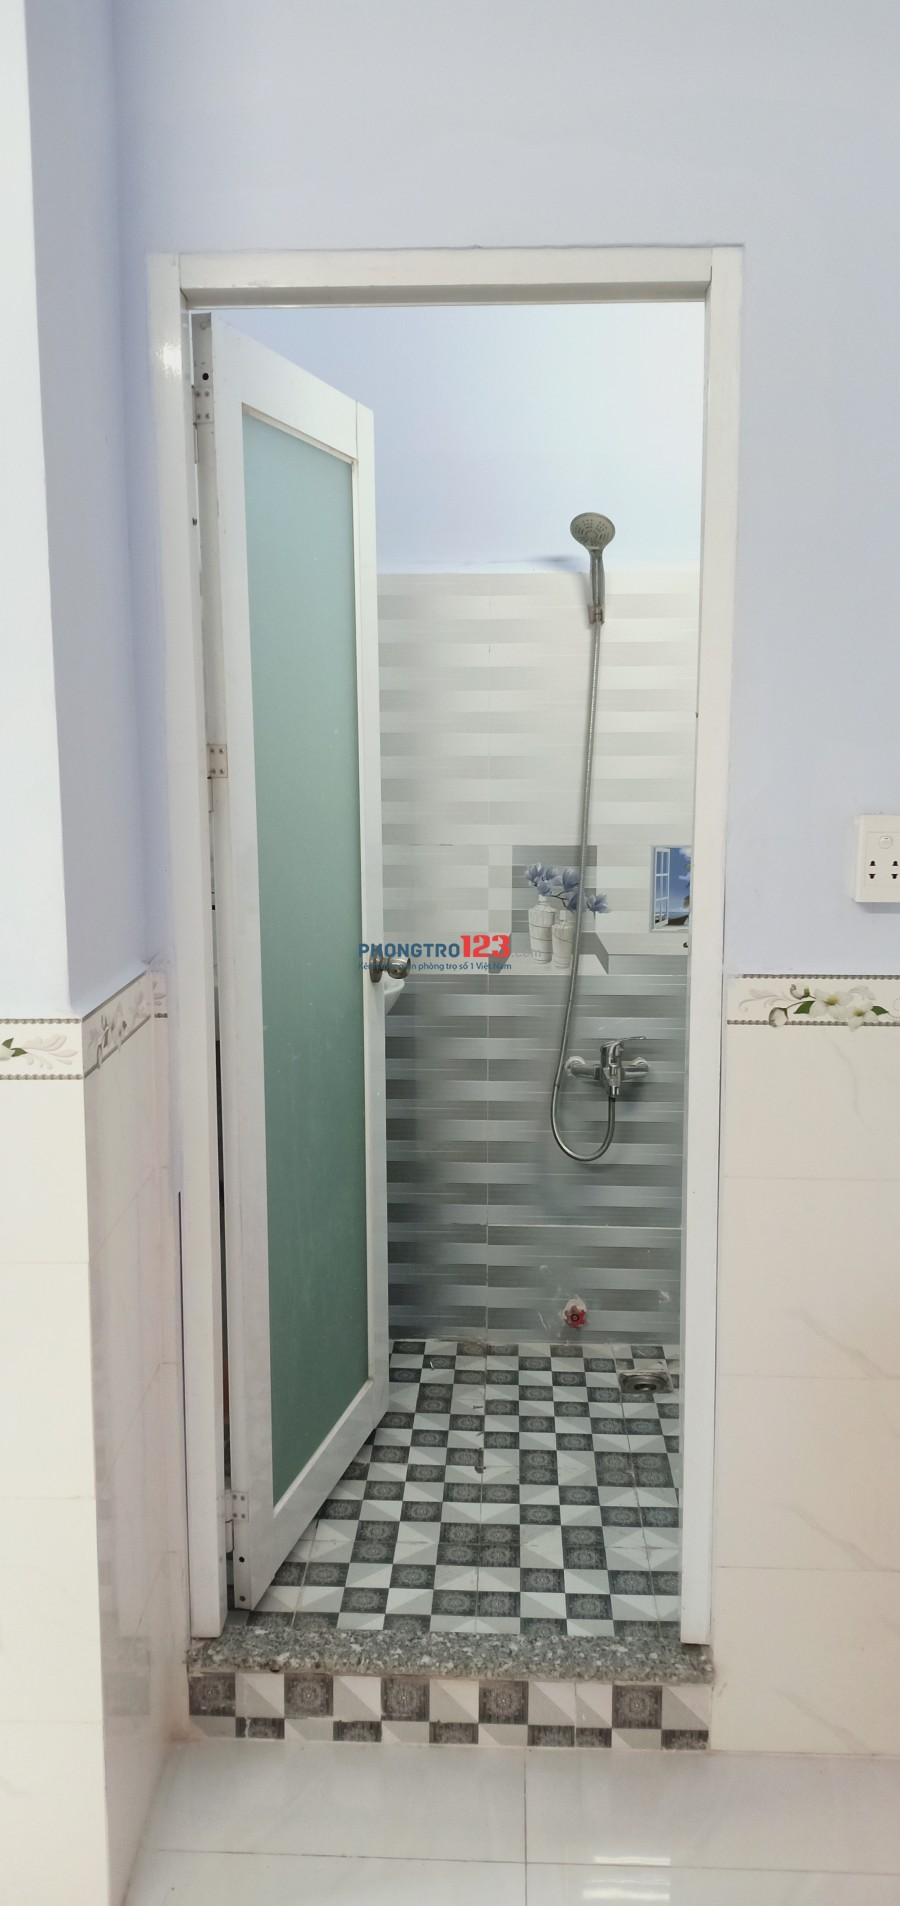 Khải Cơ Apartment, căn hộ mini ngay tại 104 An Phú Đông 9, P.APĐ, Q.12